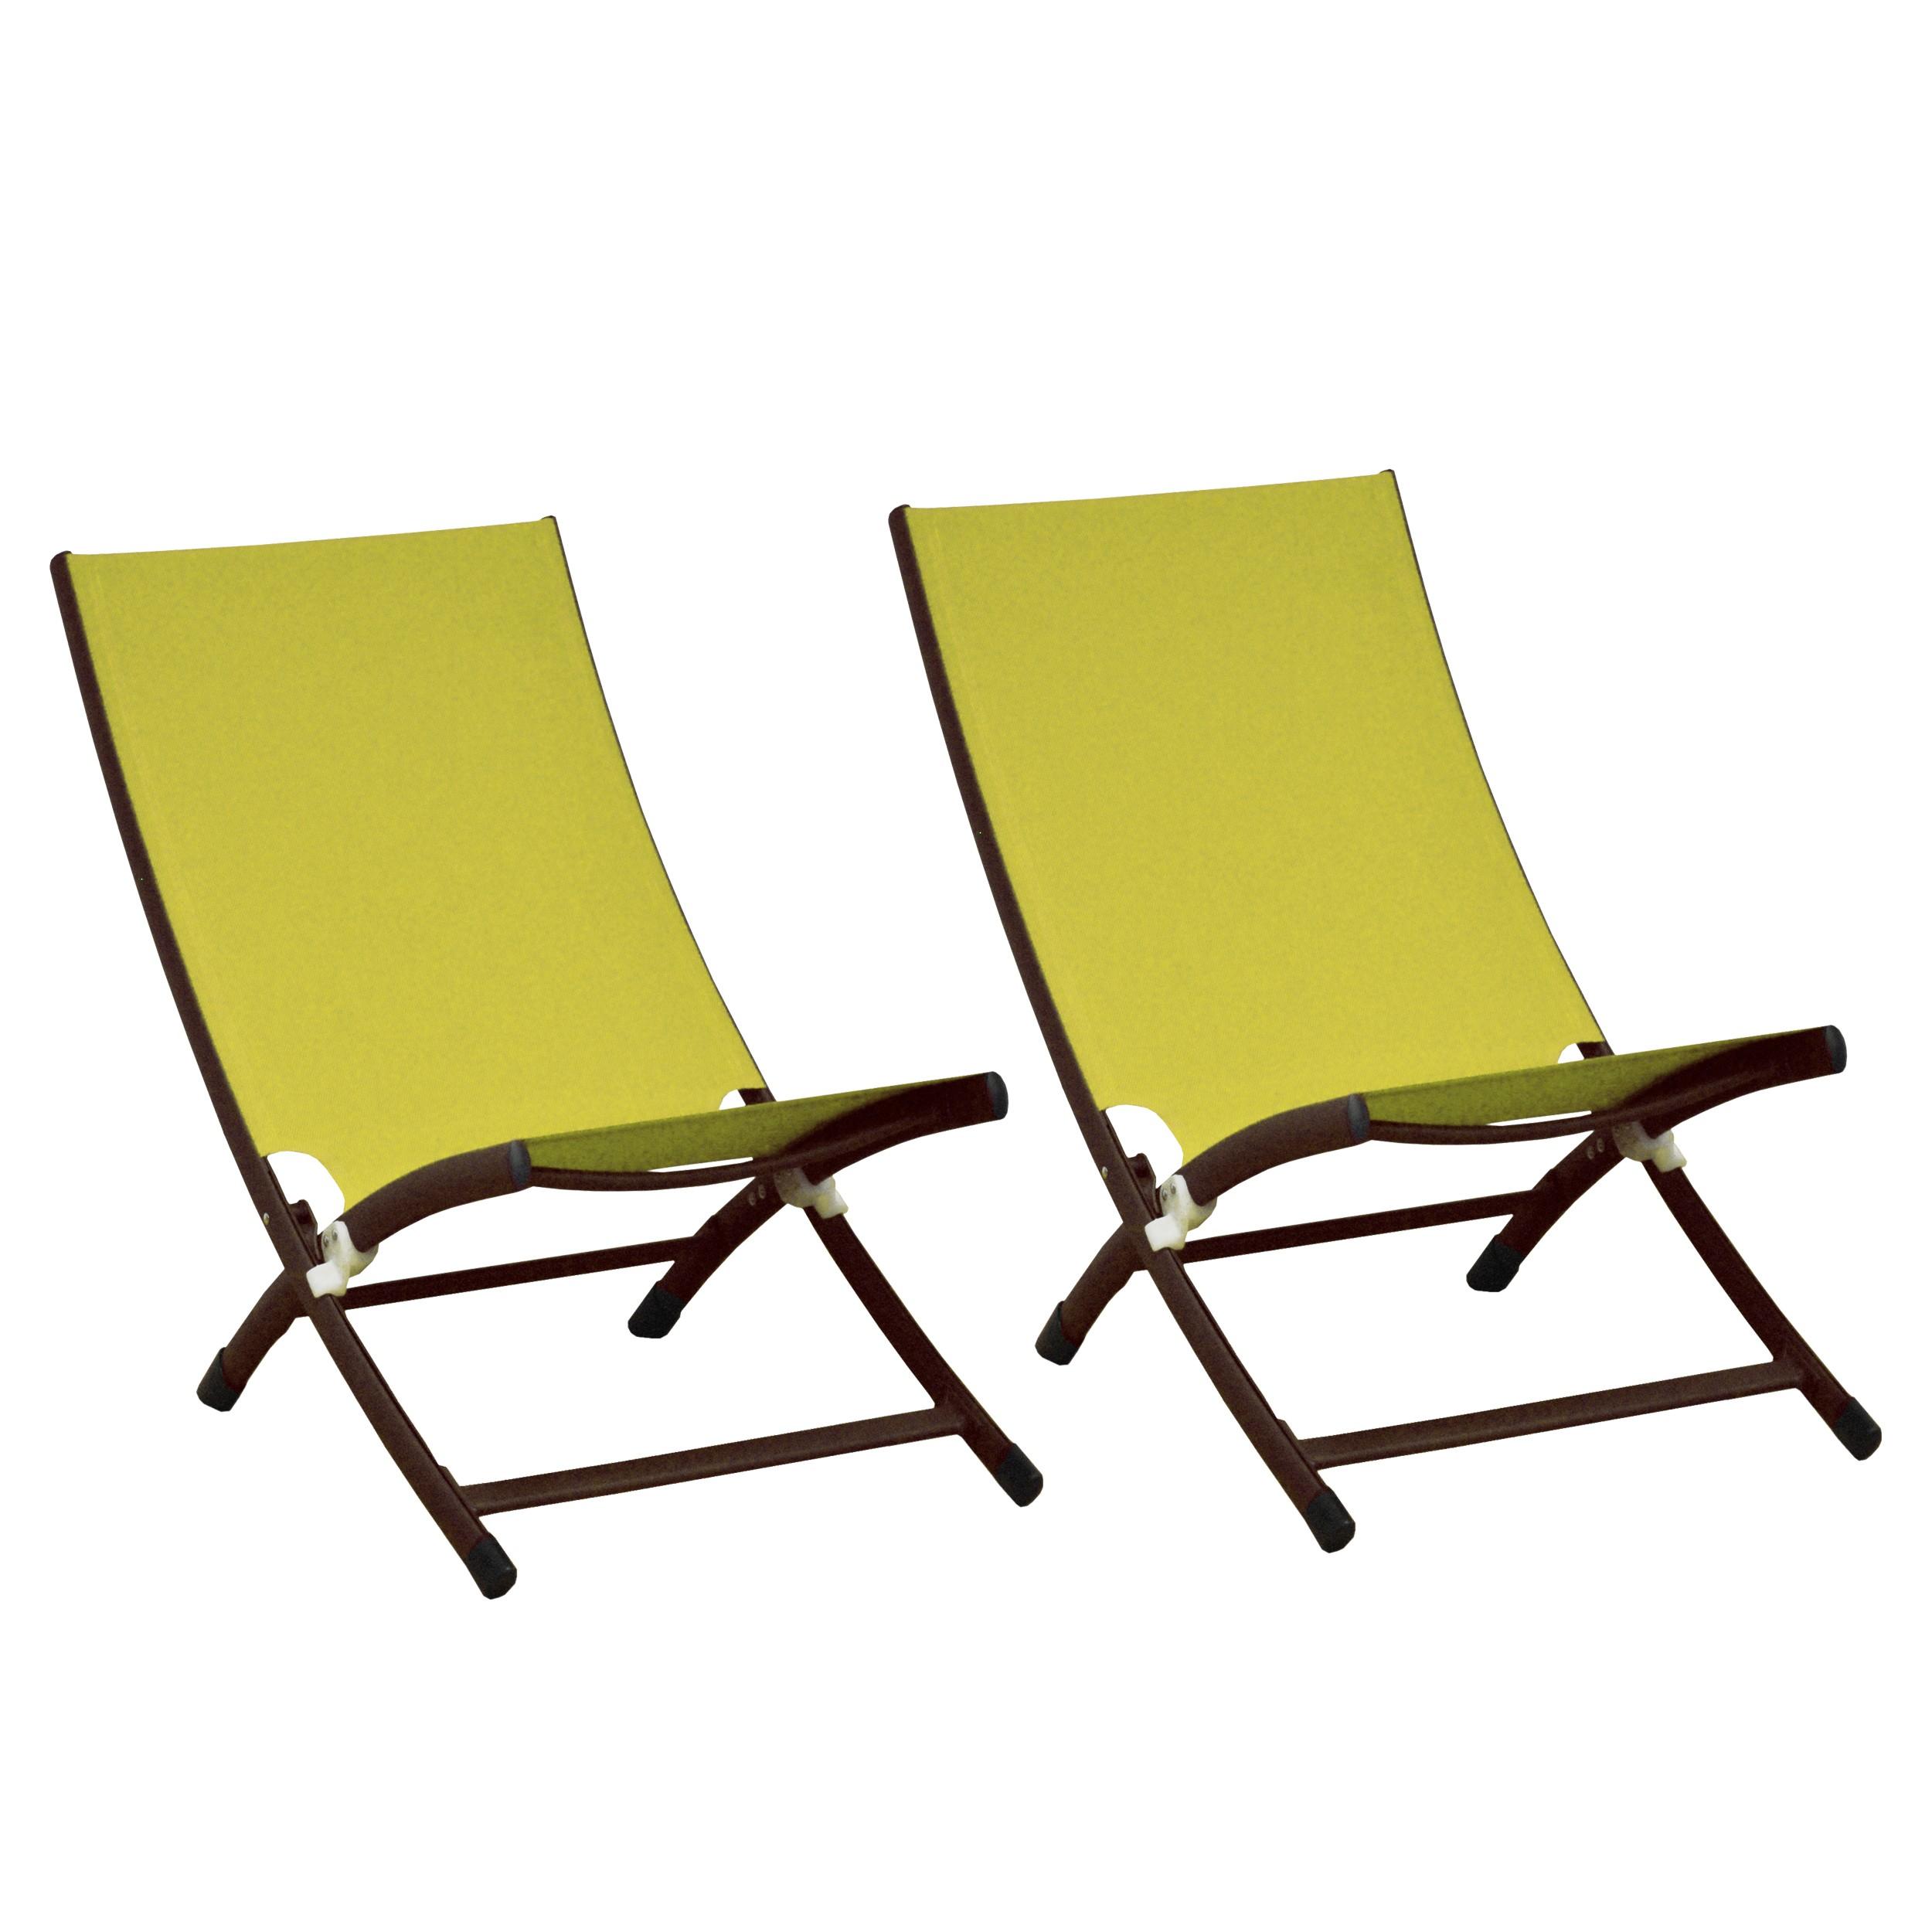 Comment choisir son bain de soleil for Acheter chaise longue jardin